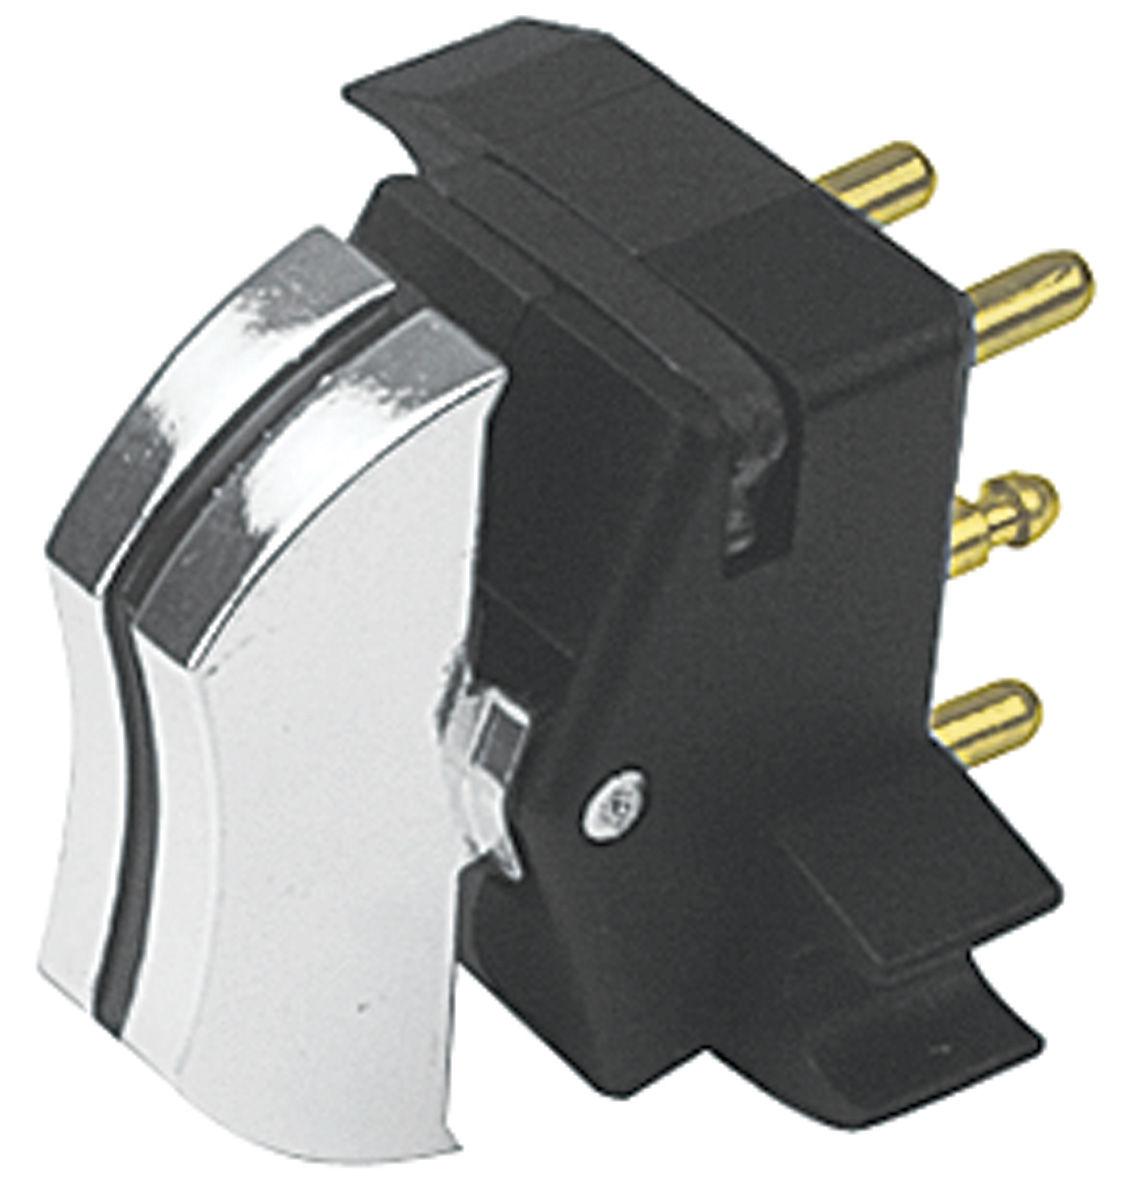 Cutlass 442 Convertible Top Switch Fits 1970 72 Cutlass